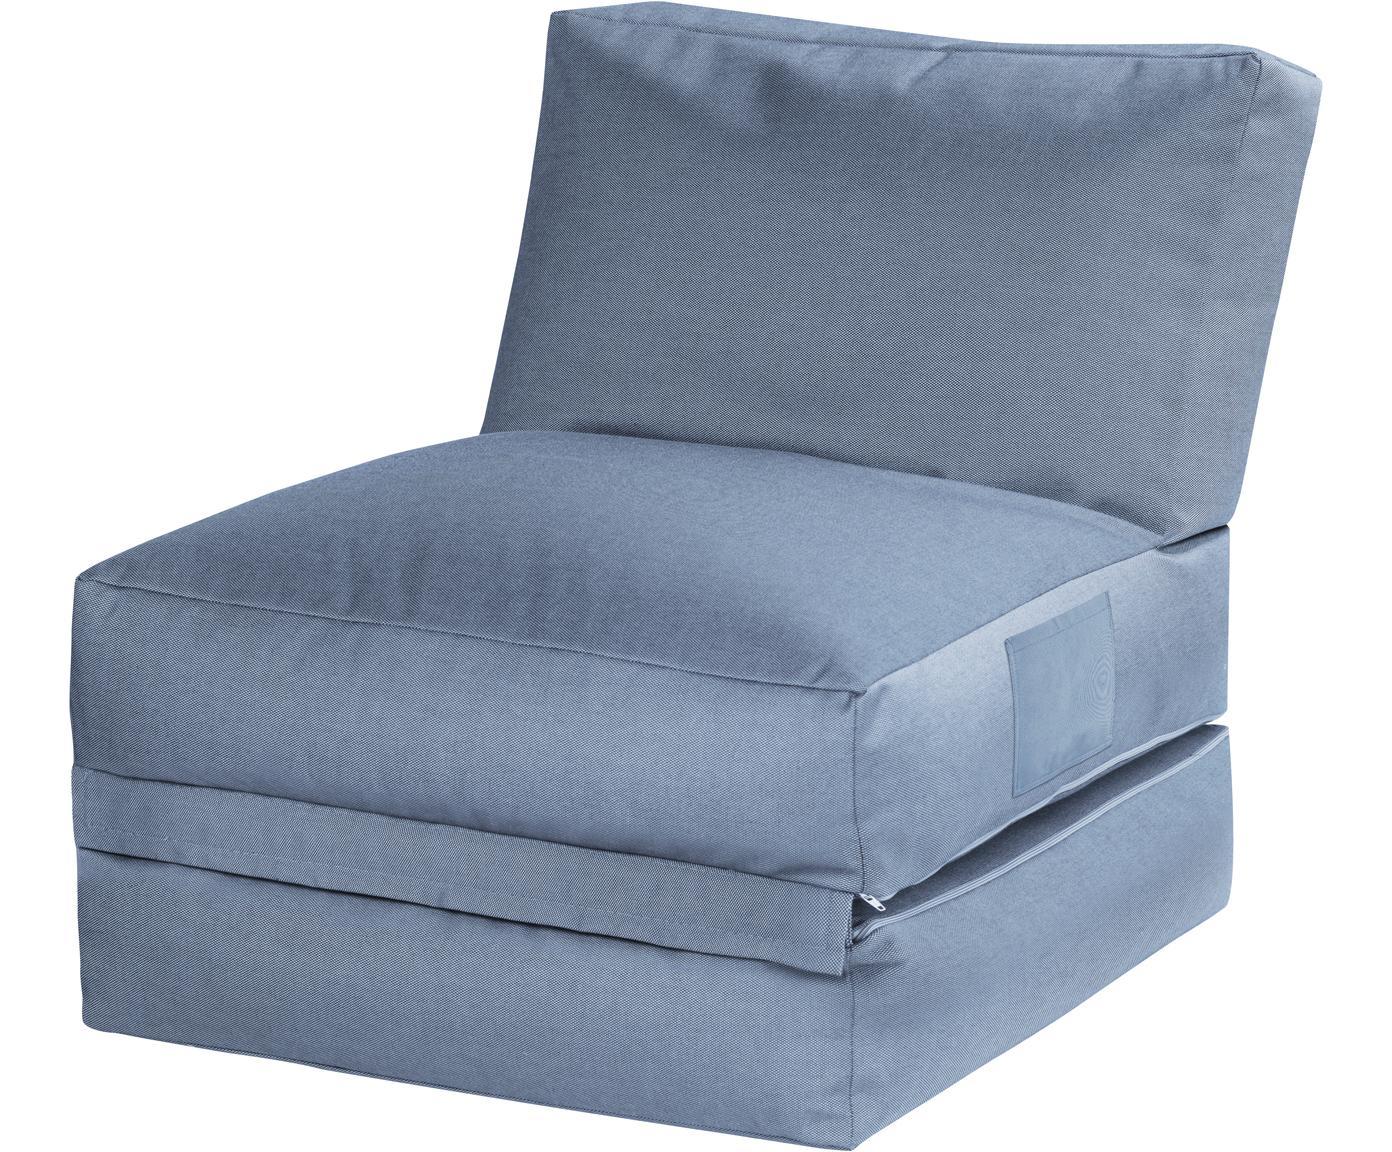 Sillón de jardín Twist, reclinable, Azul, An 70 x F 80 cm